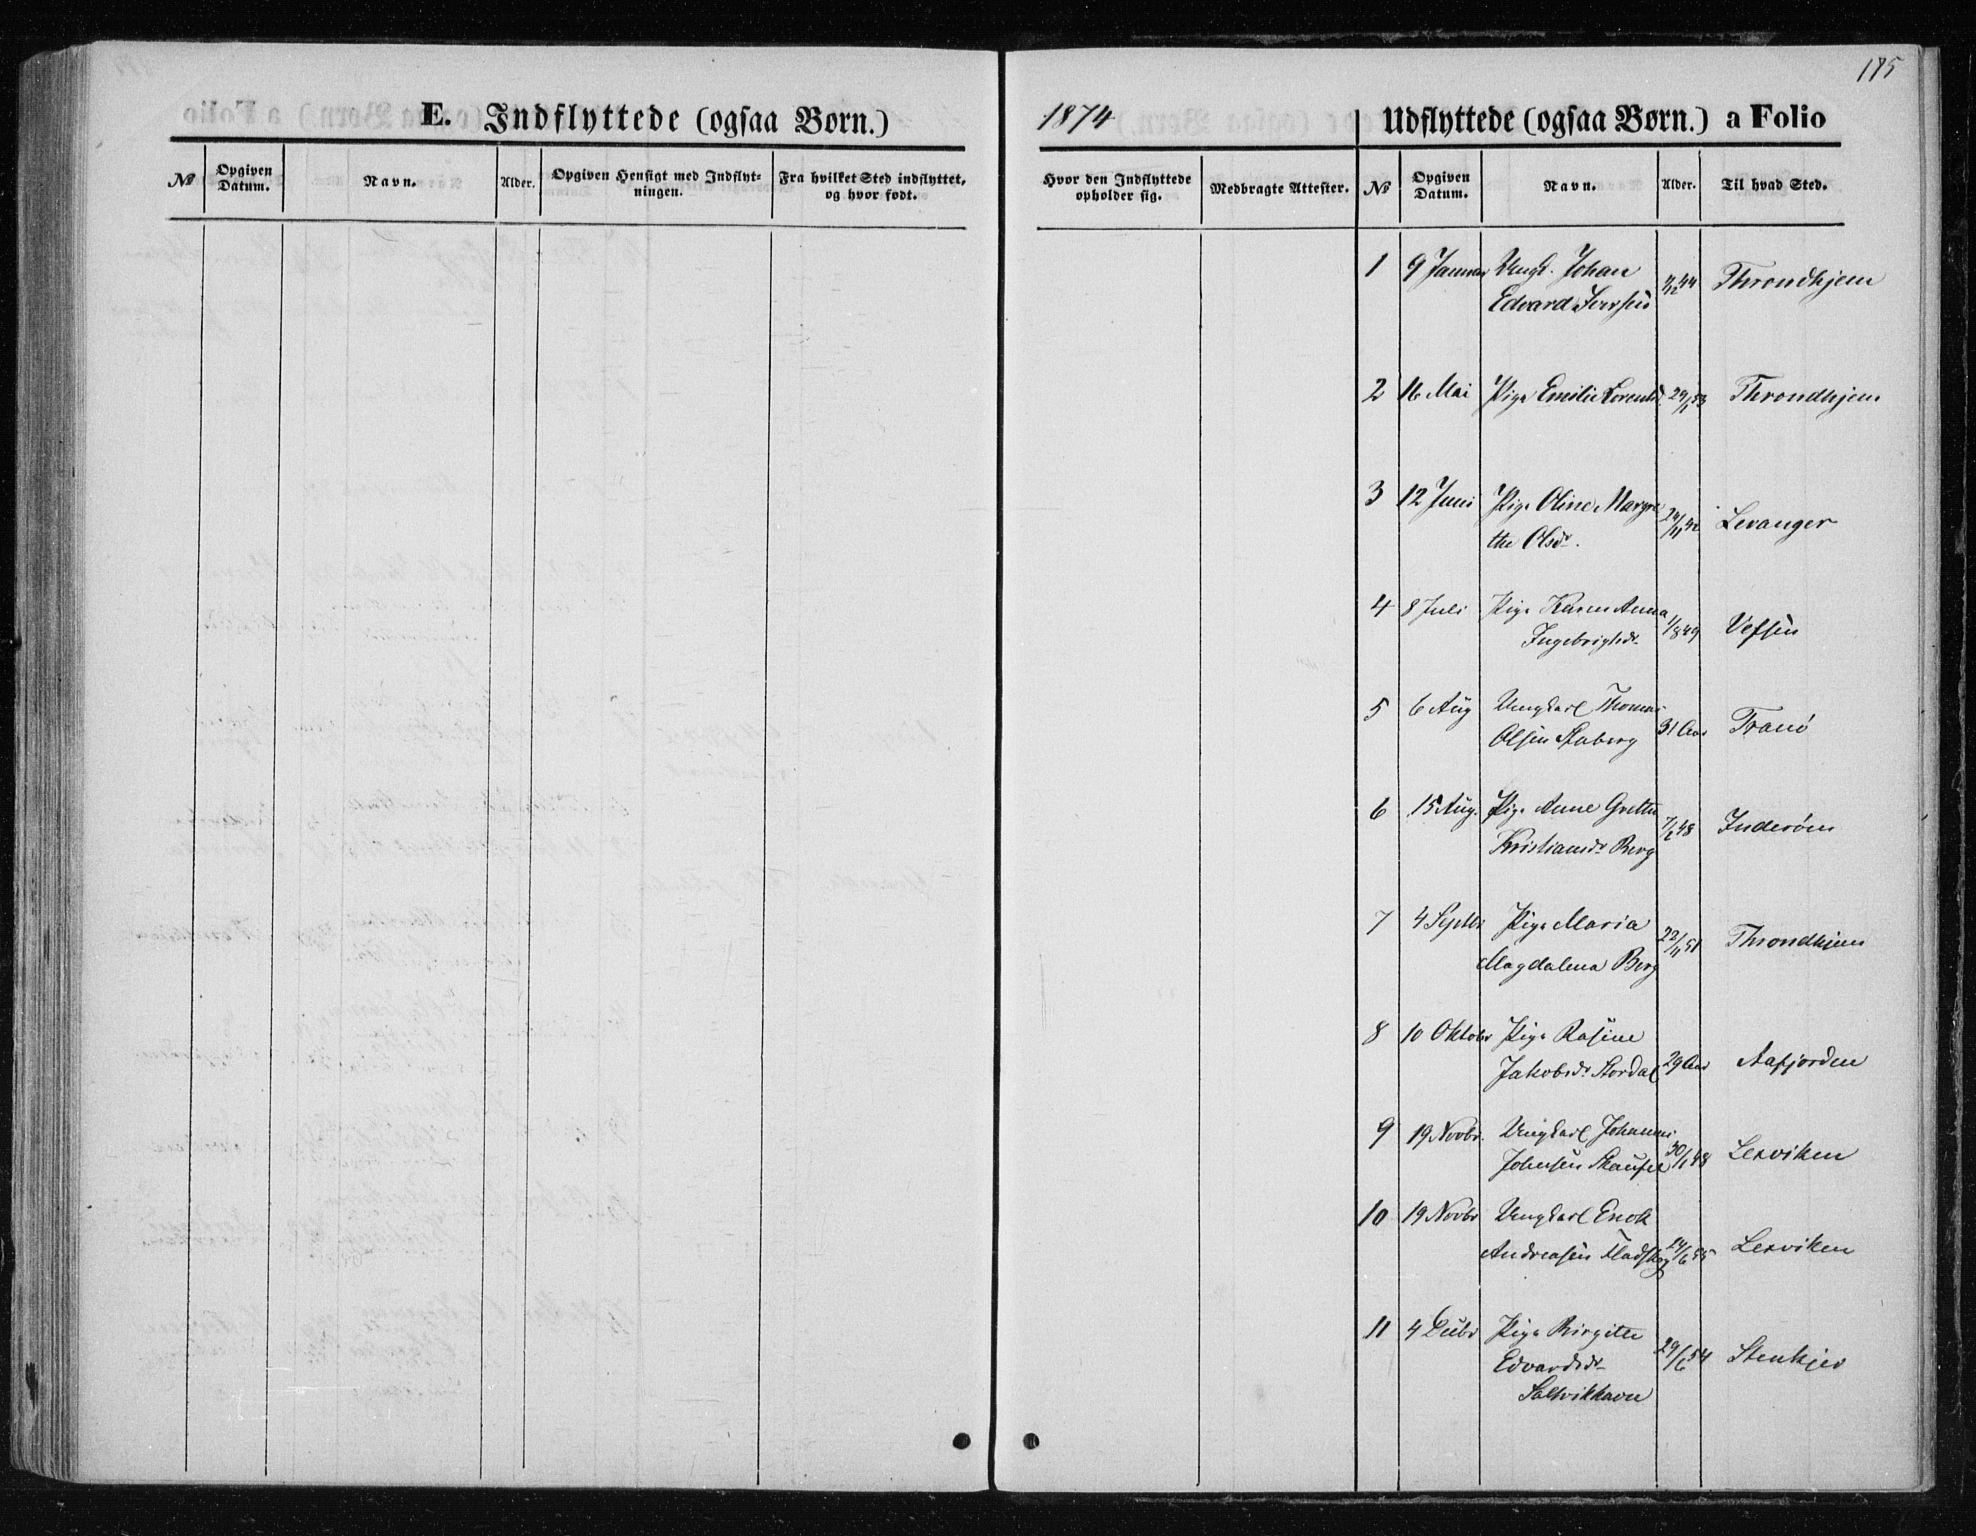 SAT, Ministerialprotokoller, klokkerbøker og fødselsregistre - Nord-Trøndelag, 733/L0324: Ministerialbok nr. 733A03, 1870-1883, s. 175